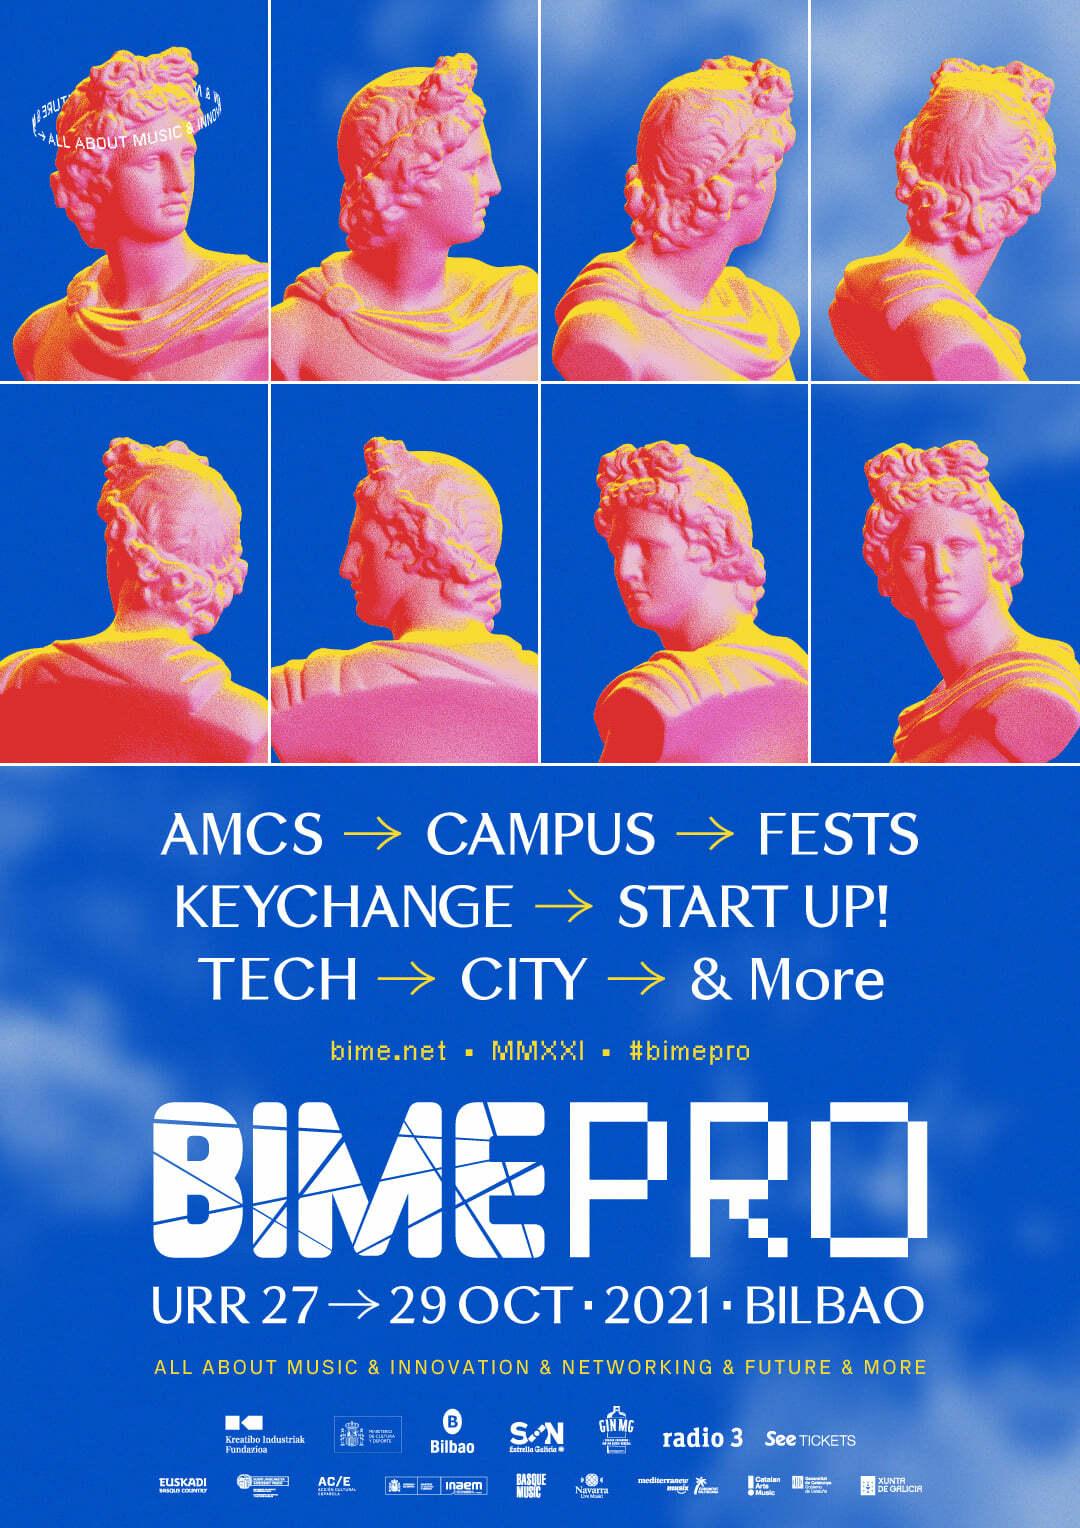 BIME abre una nueva sede en Colombia